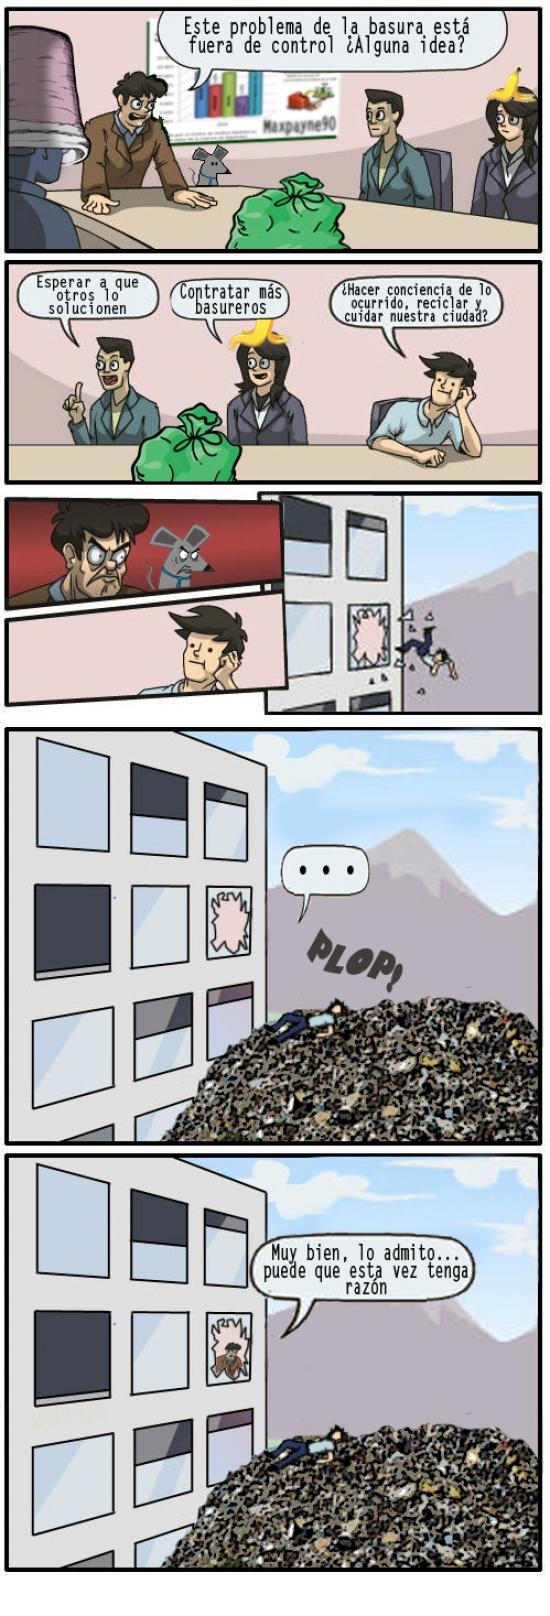 basura,huelga,junta de accionistas,noticia,oficina,ratas,temabasura,ventana,Window throwing guy